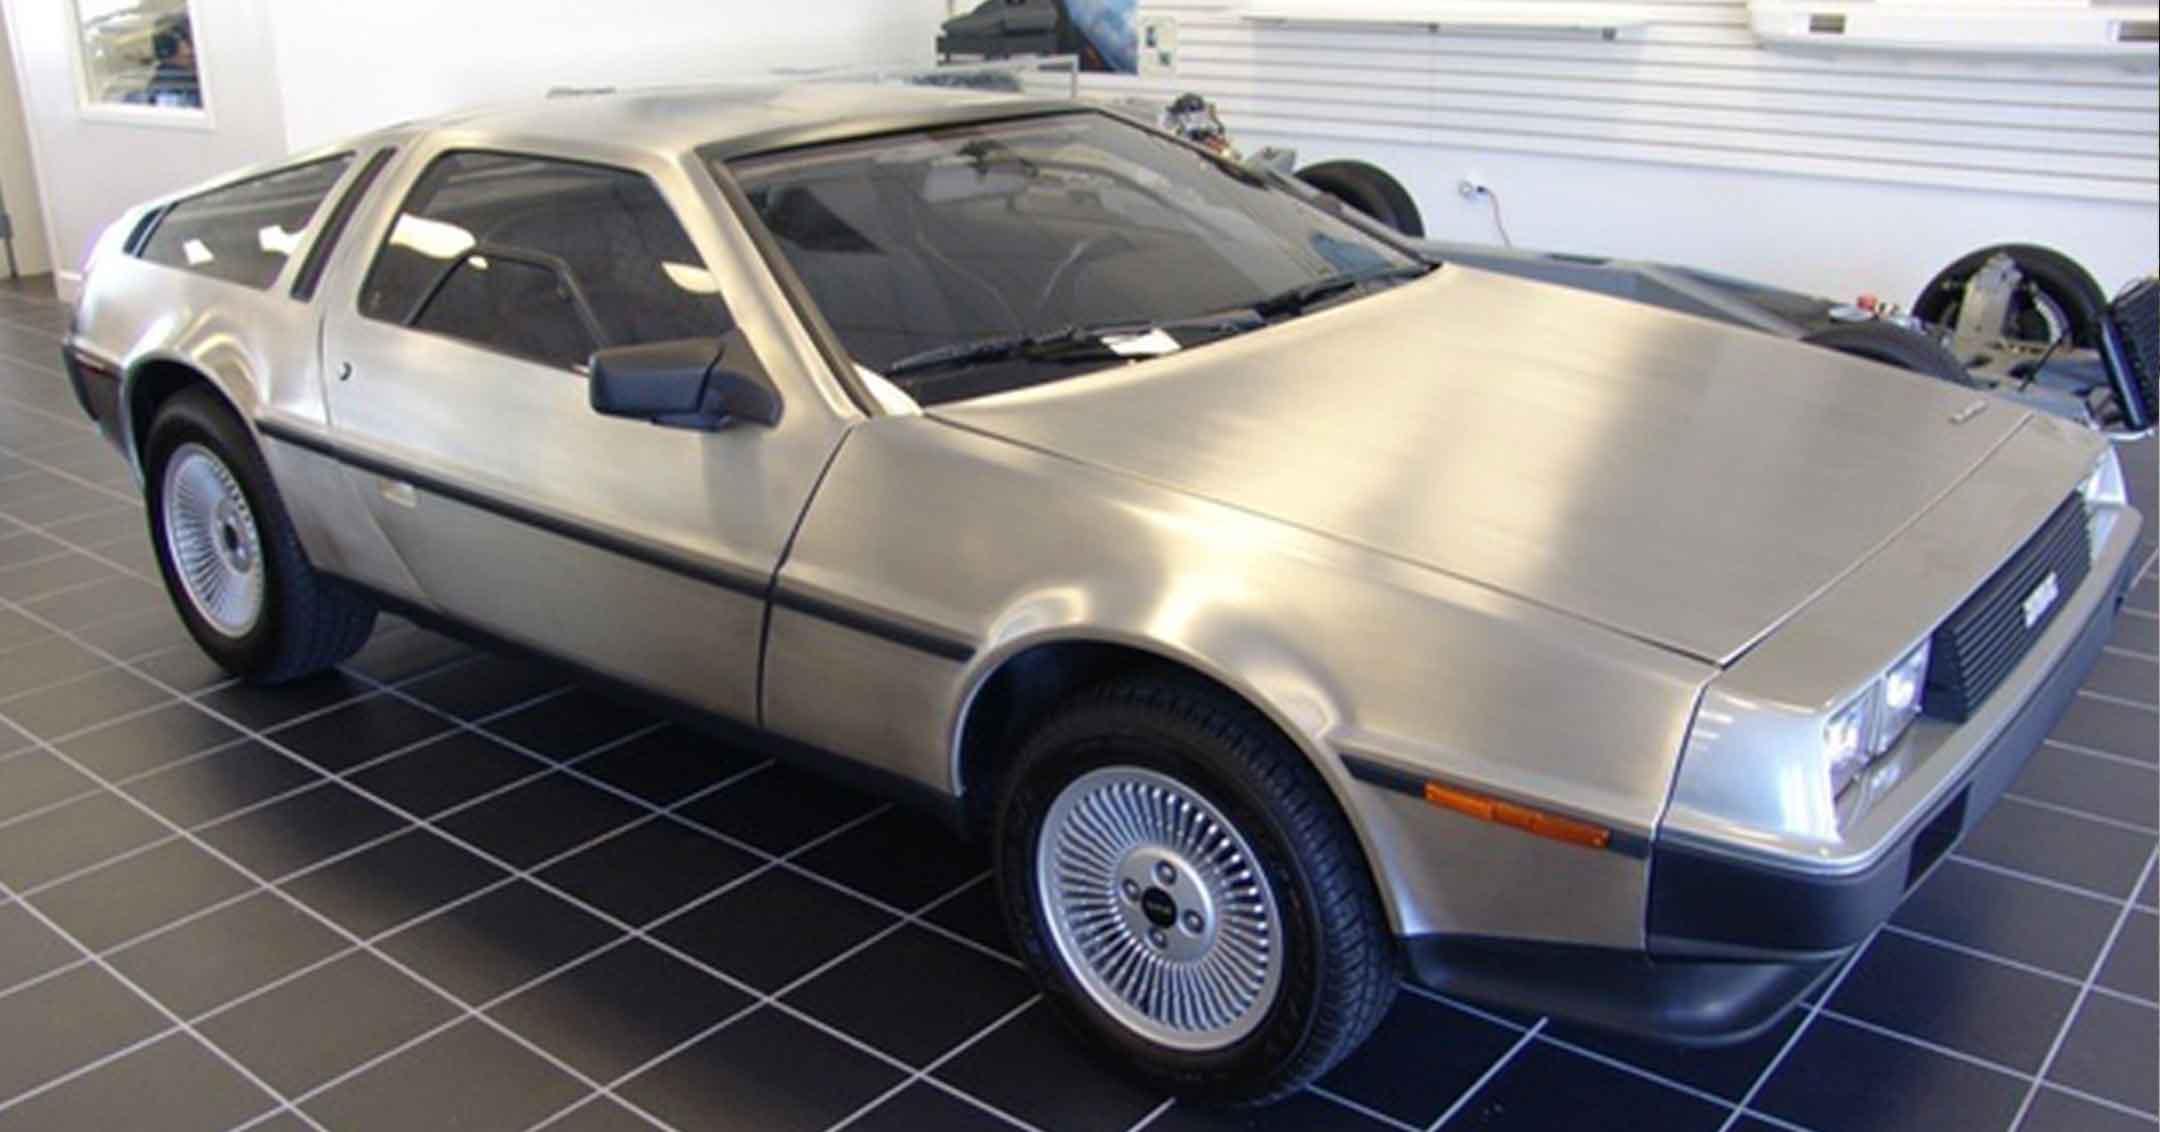 SCEDT26T3DD016817 | DeLoreanDirectory.com